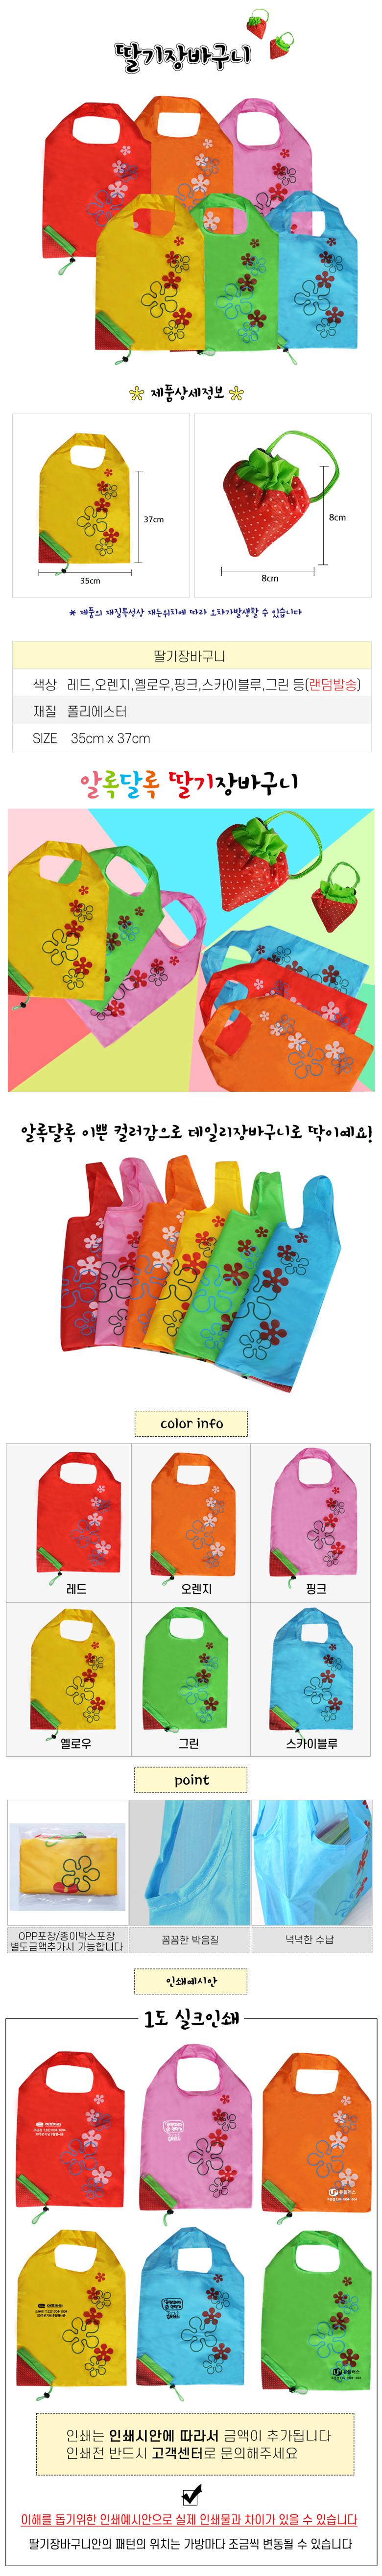 shopping-basket_1_780.jpg